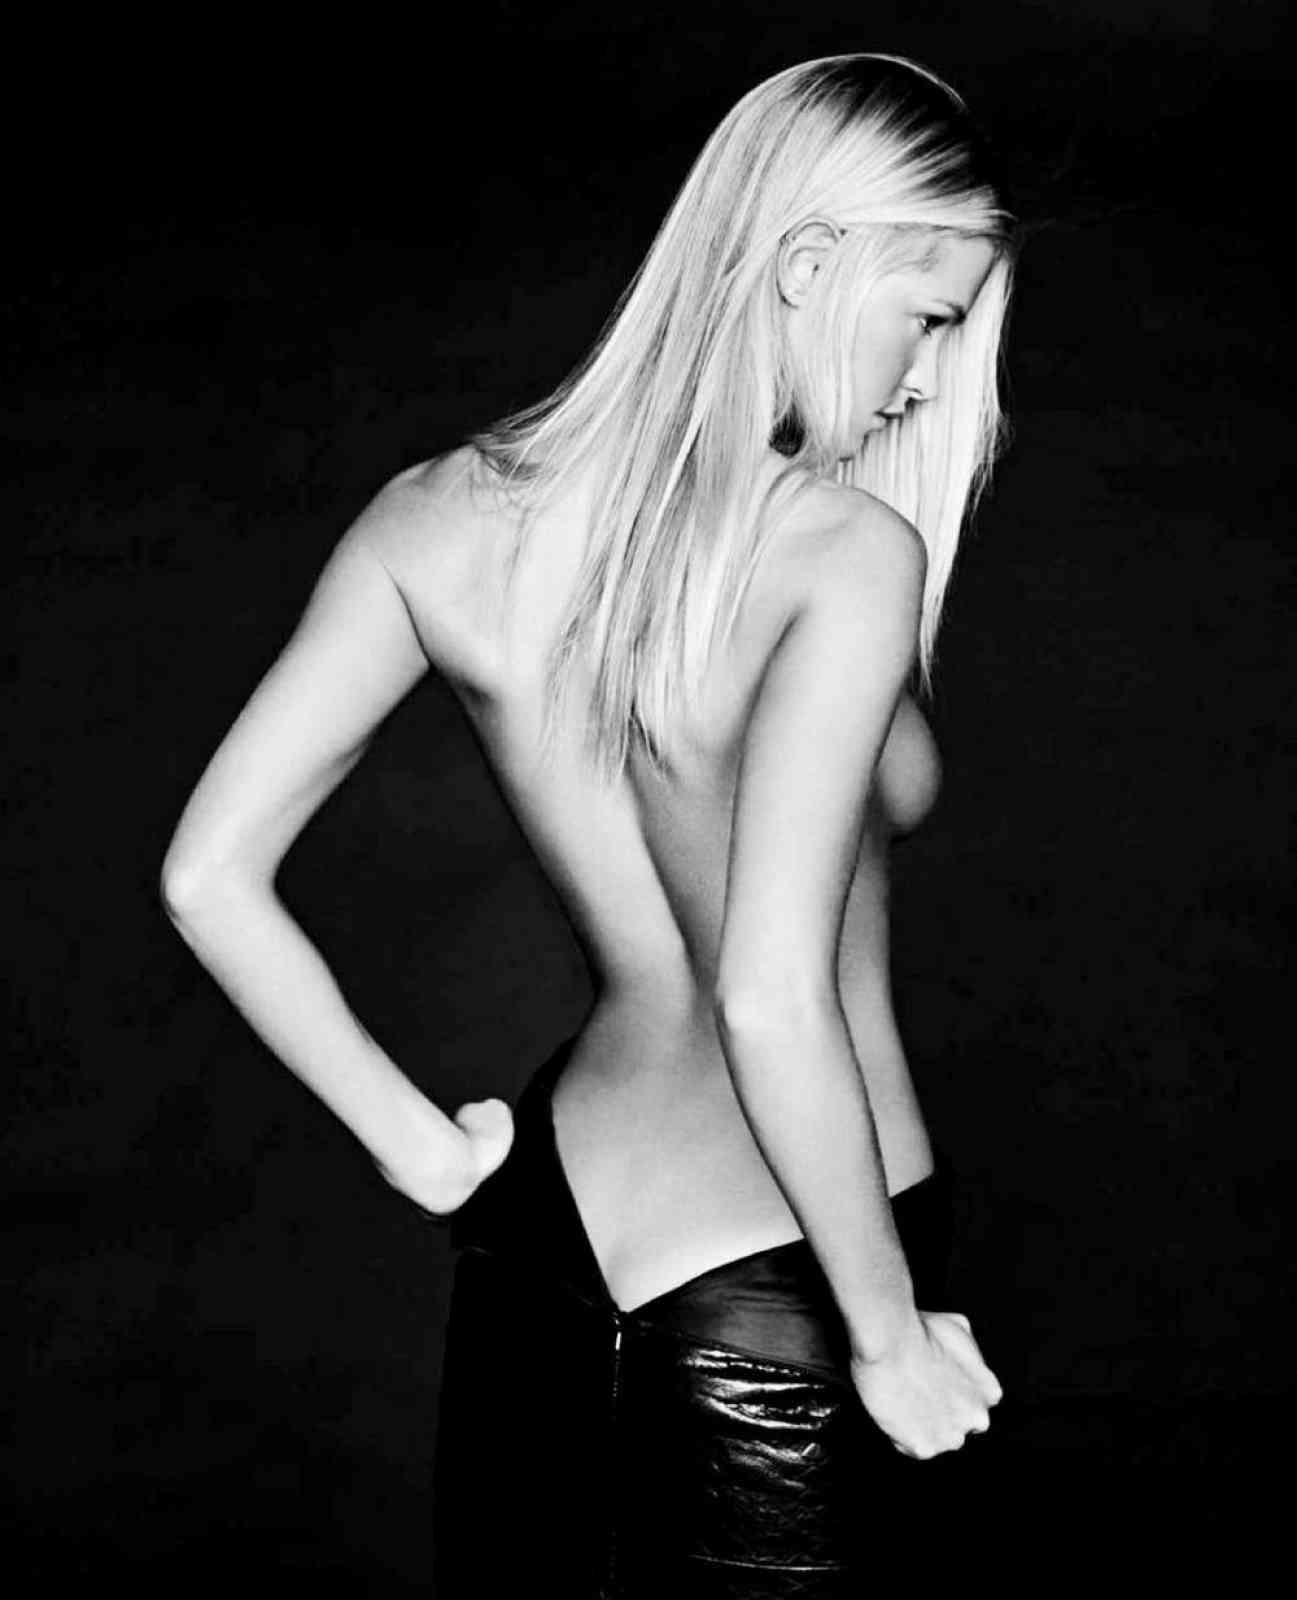 Erin Heatherton